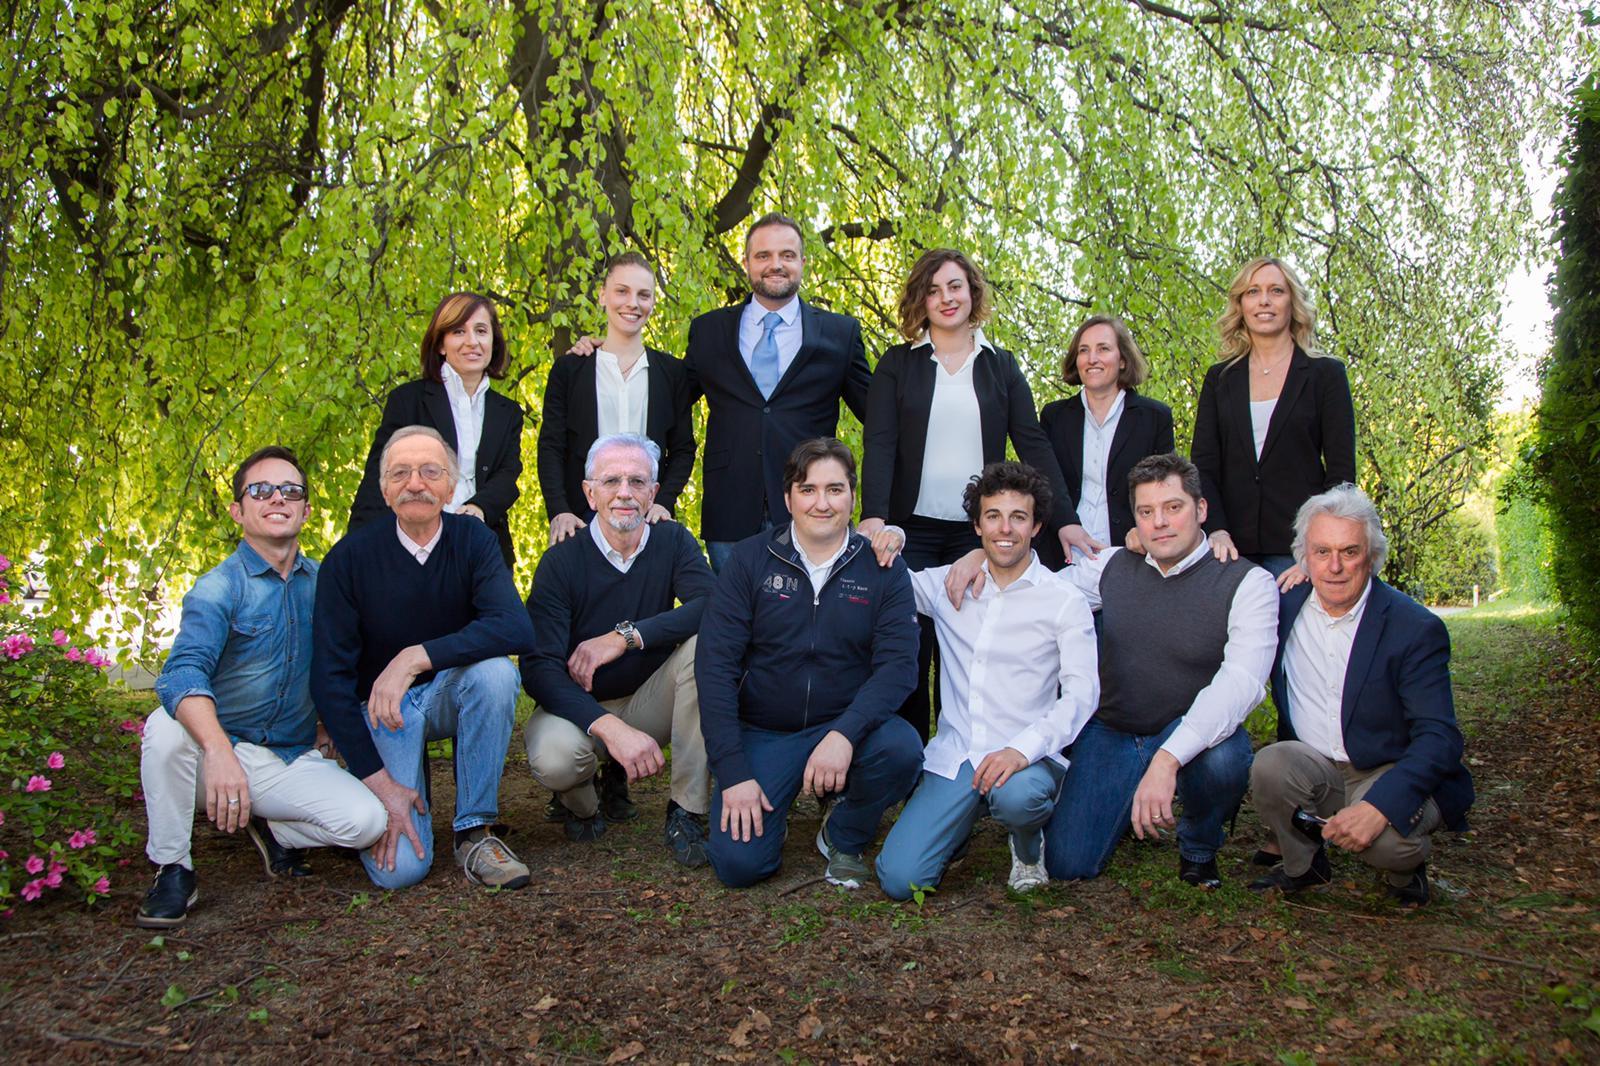 Tutti i candidati della lista Progetto Insieme Capiago Intimiano, capitanati da Emanuele Cappelletti